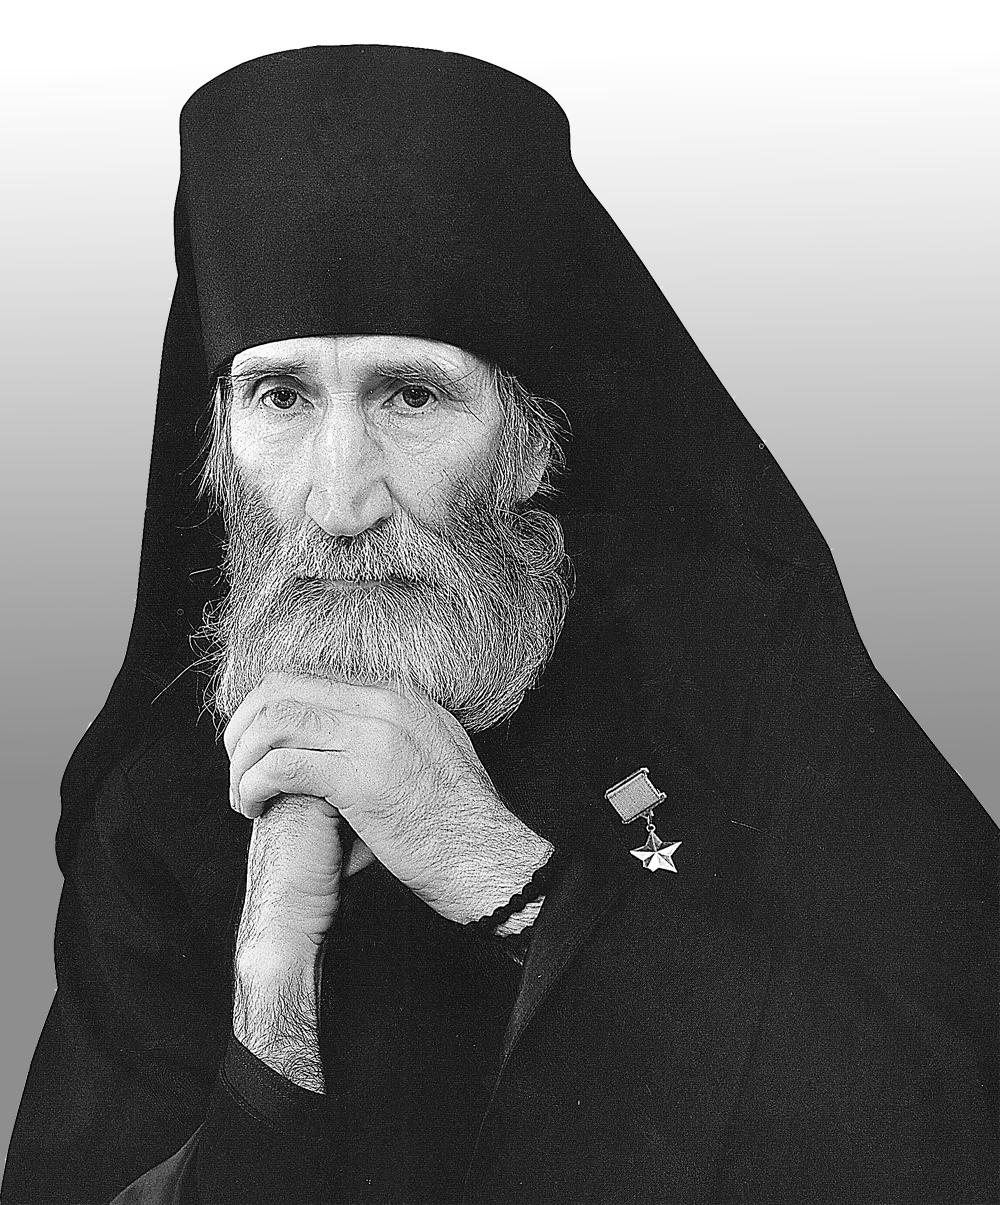 «Служение людям в монашестве сложнее и труднее, чем даже ратный труд на войне».